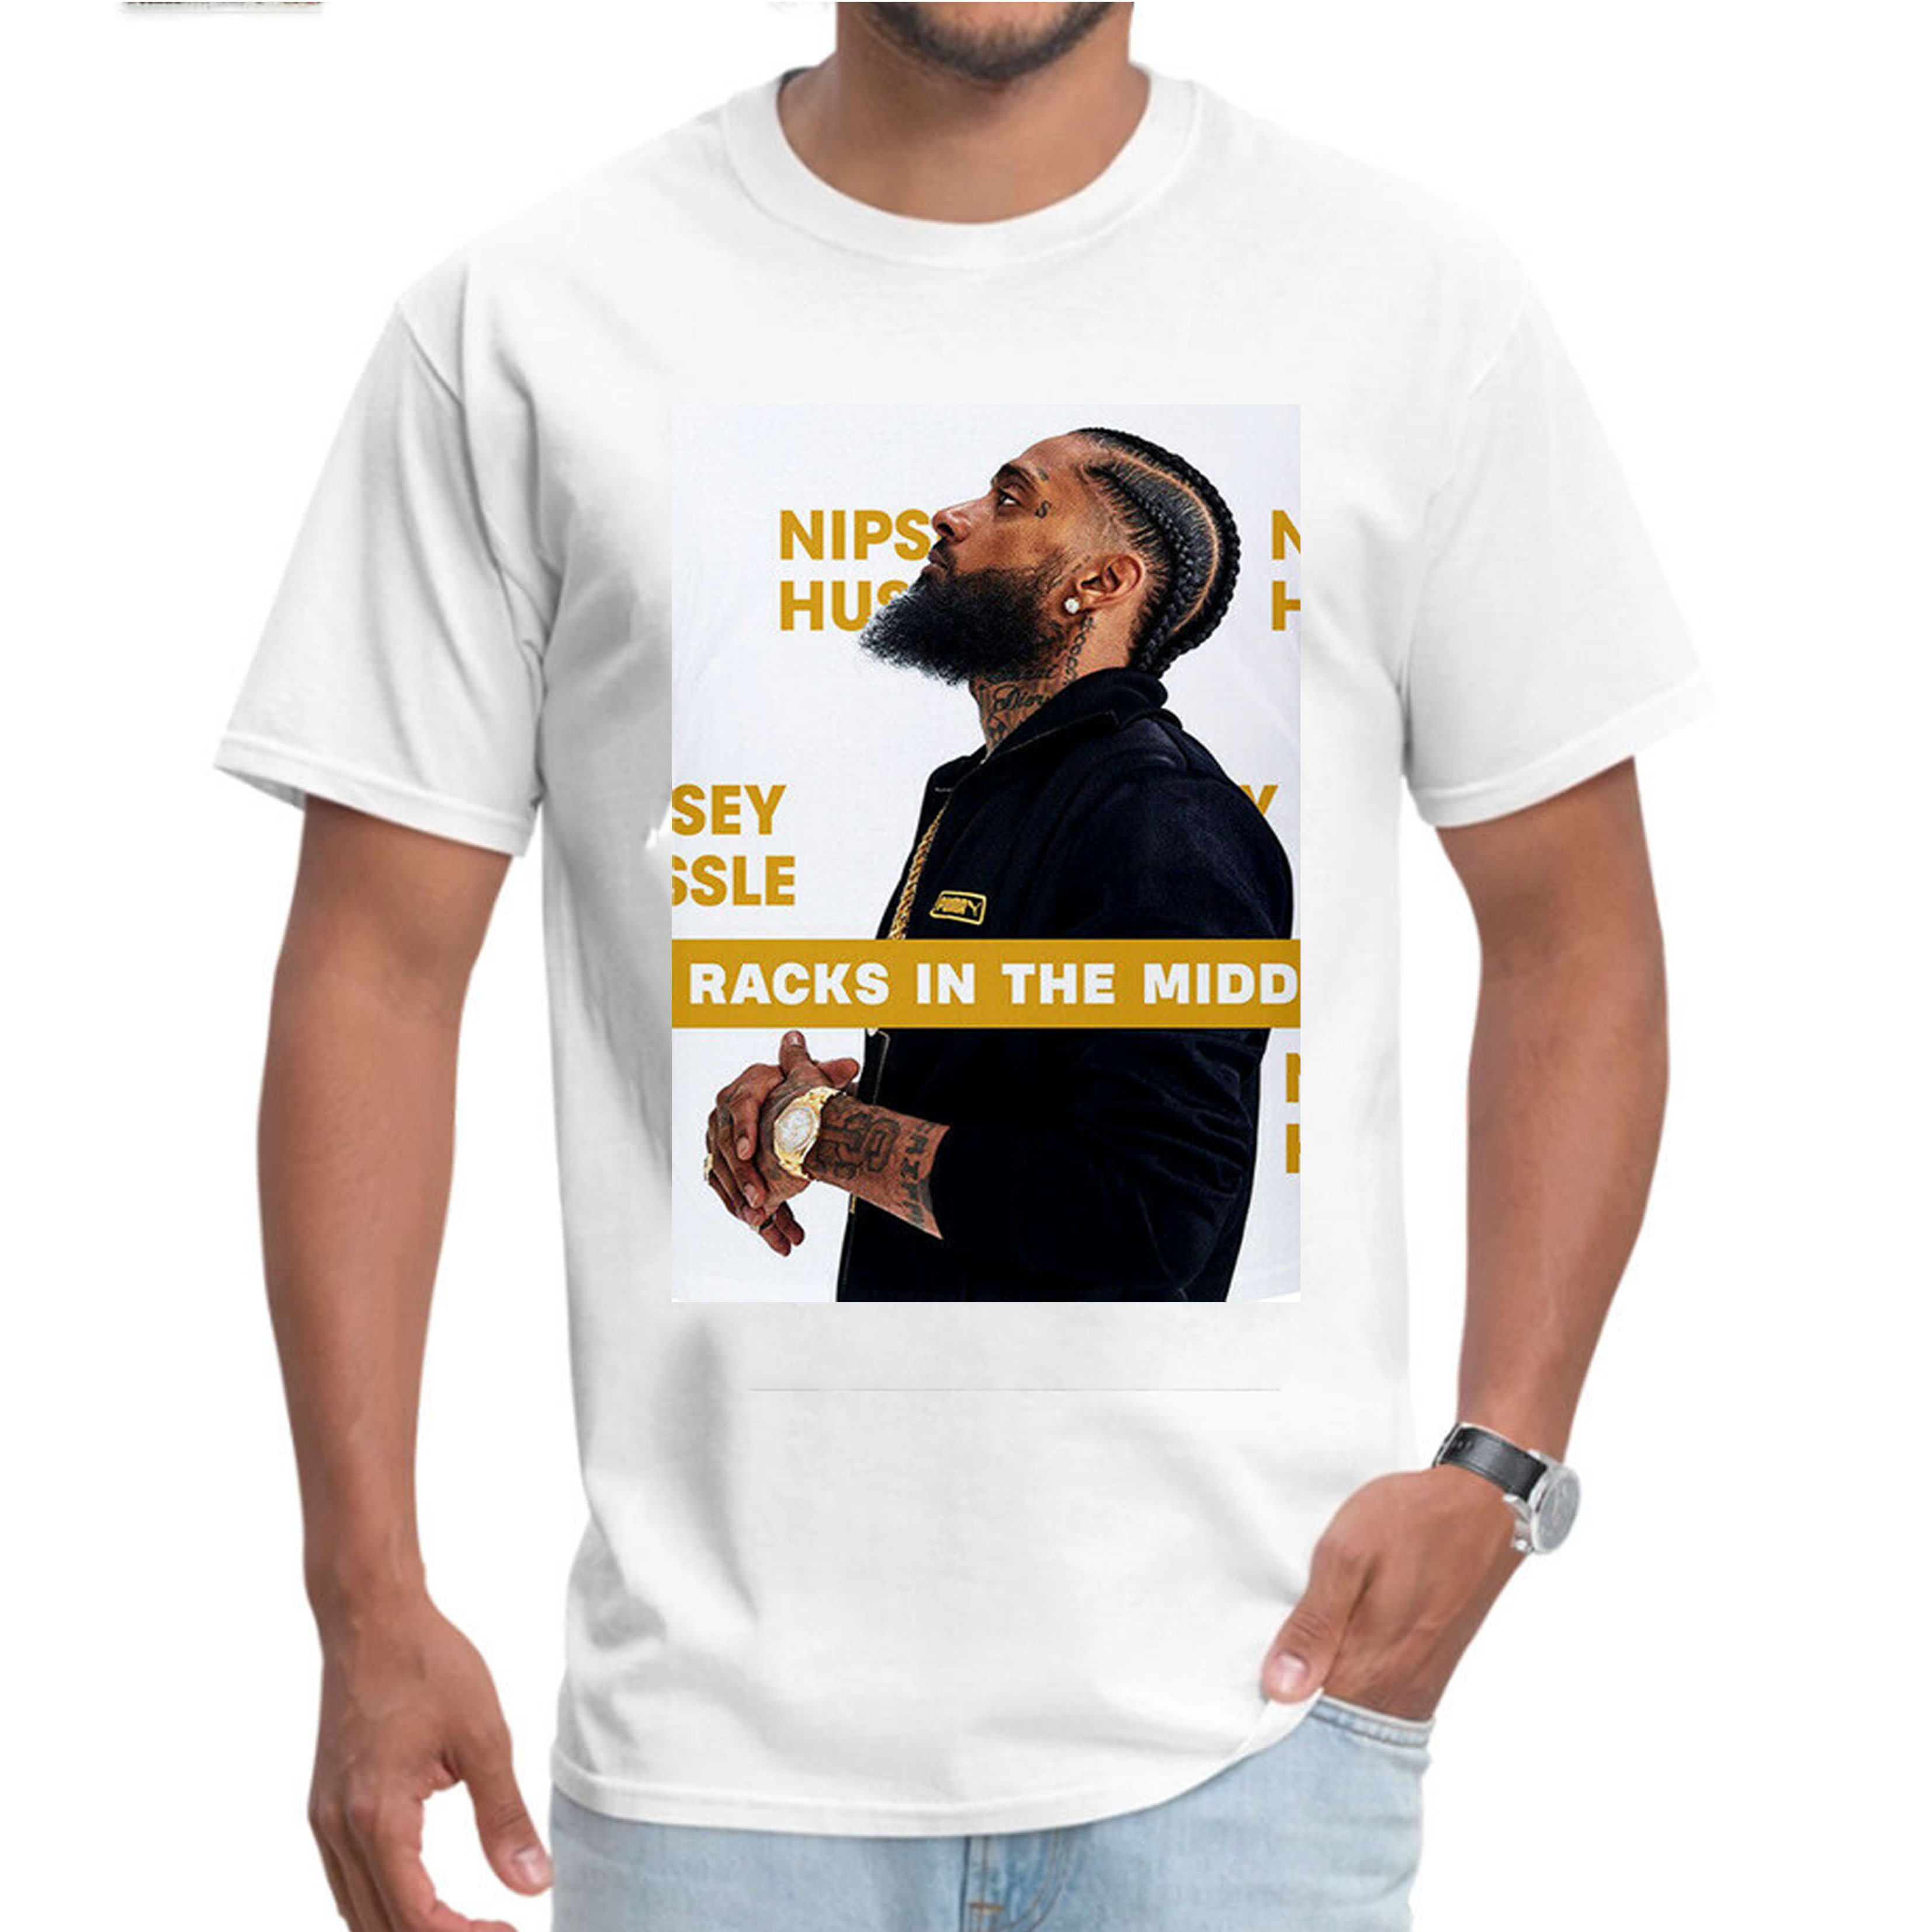 Nipsey Hussle Rapper T-Shirt songwriter American Adult Kids Tee Top Crenshaw 003